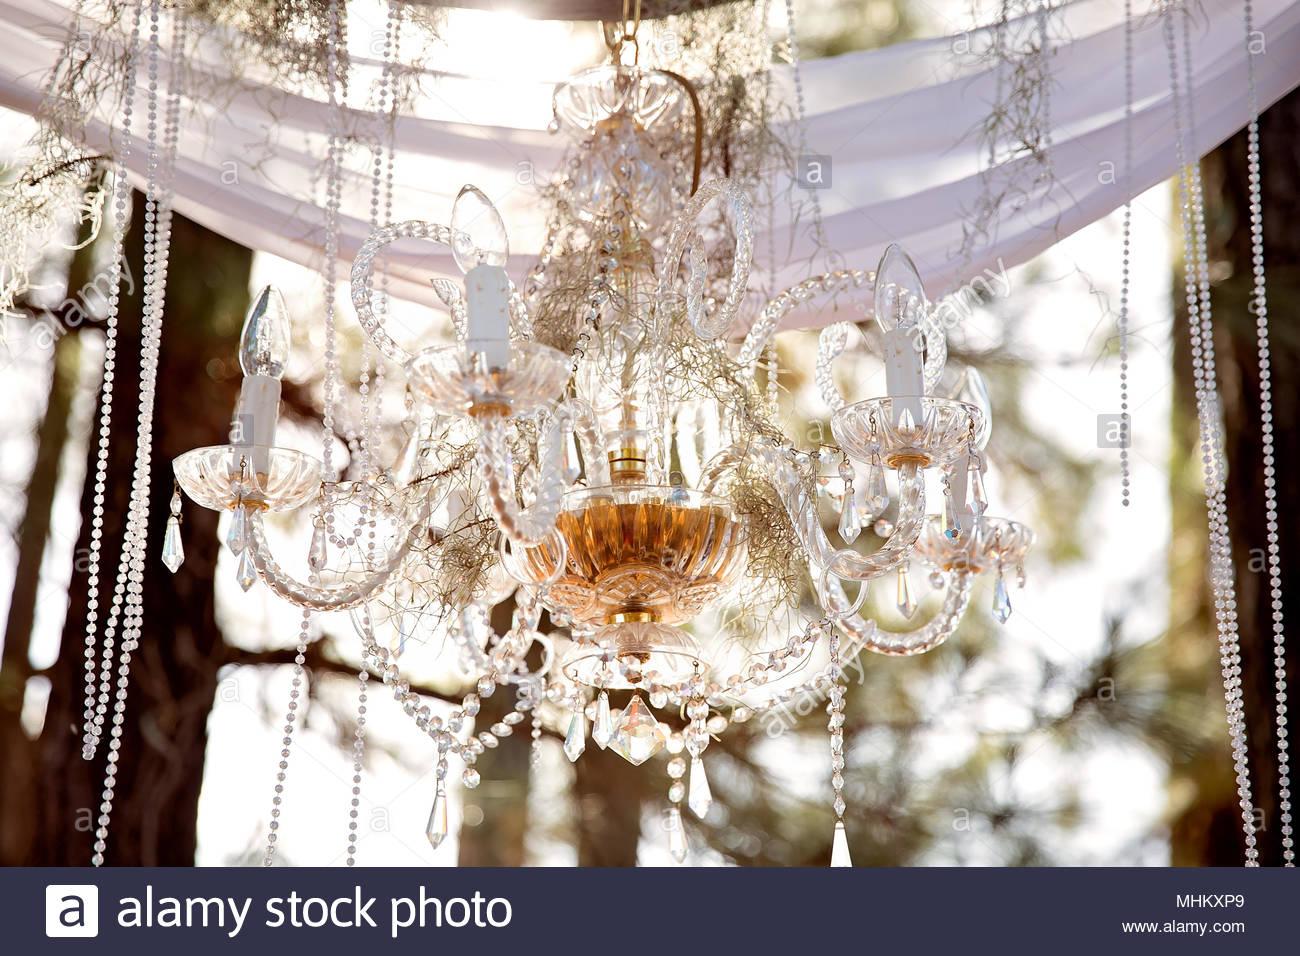 Lampadario Allaperto : Lampadario di cristallo perle e chiffon formano un arco di nozze